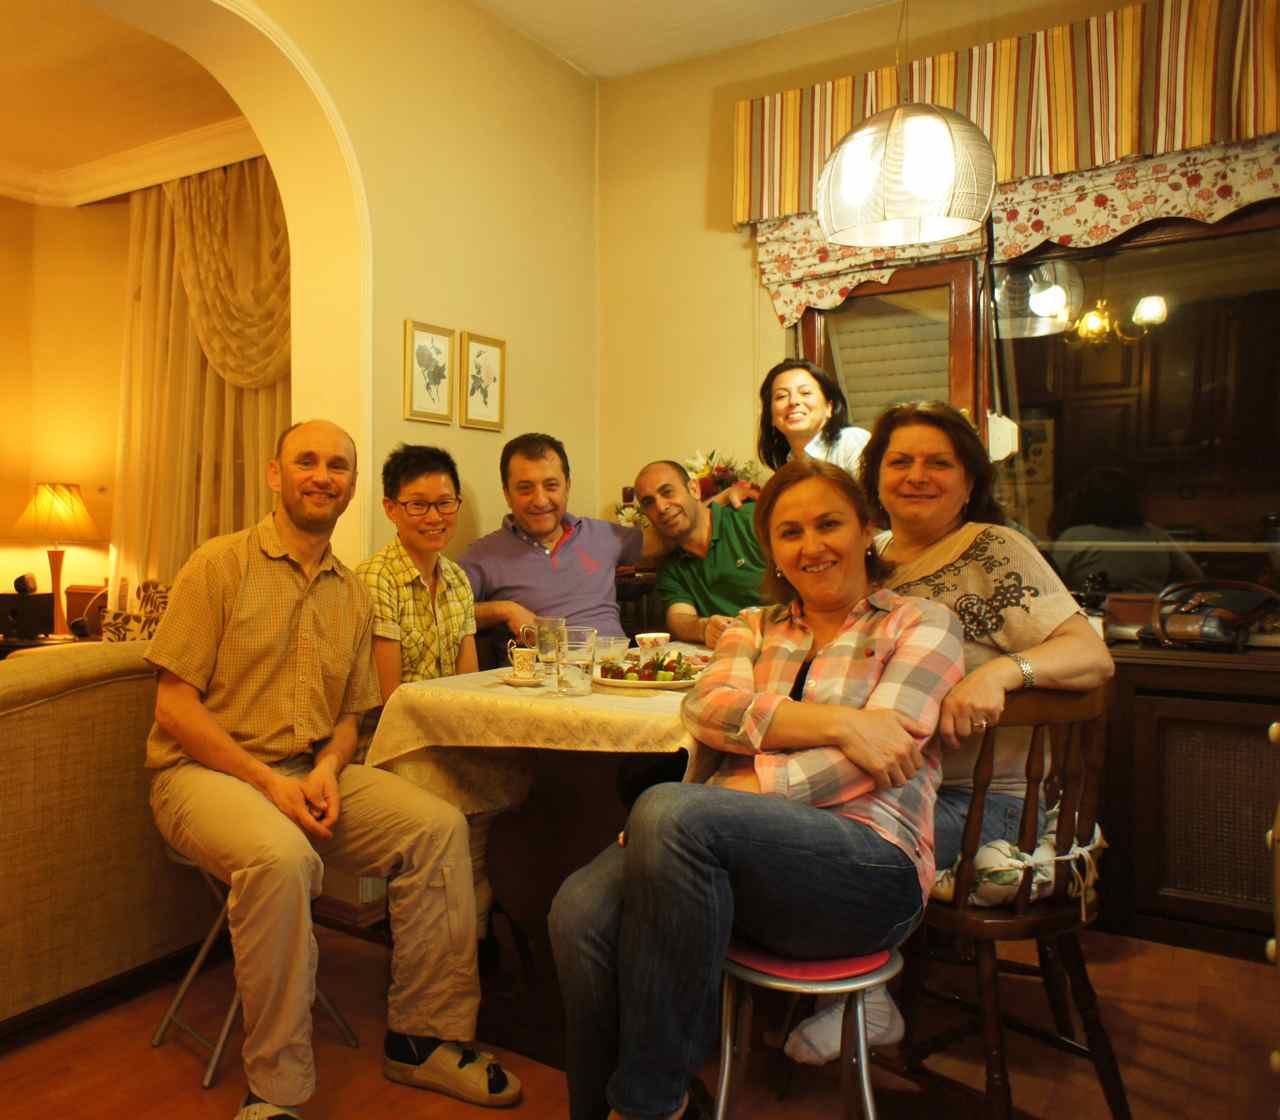 แก้งส์ร่วมมื้อเย็นวันเกิดอืซเลม